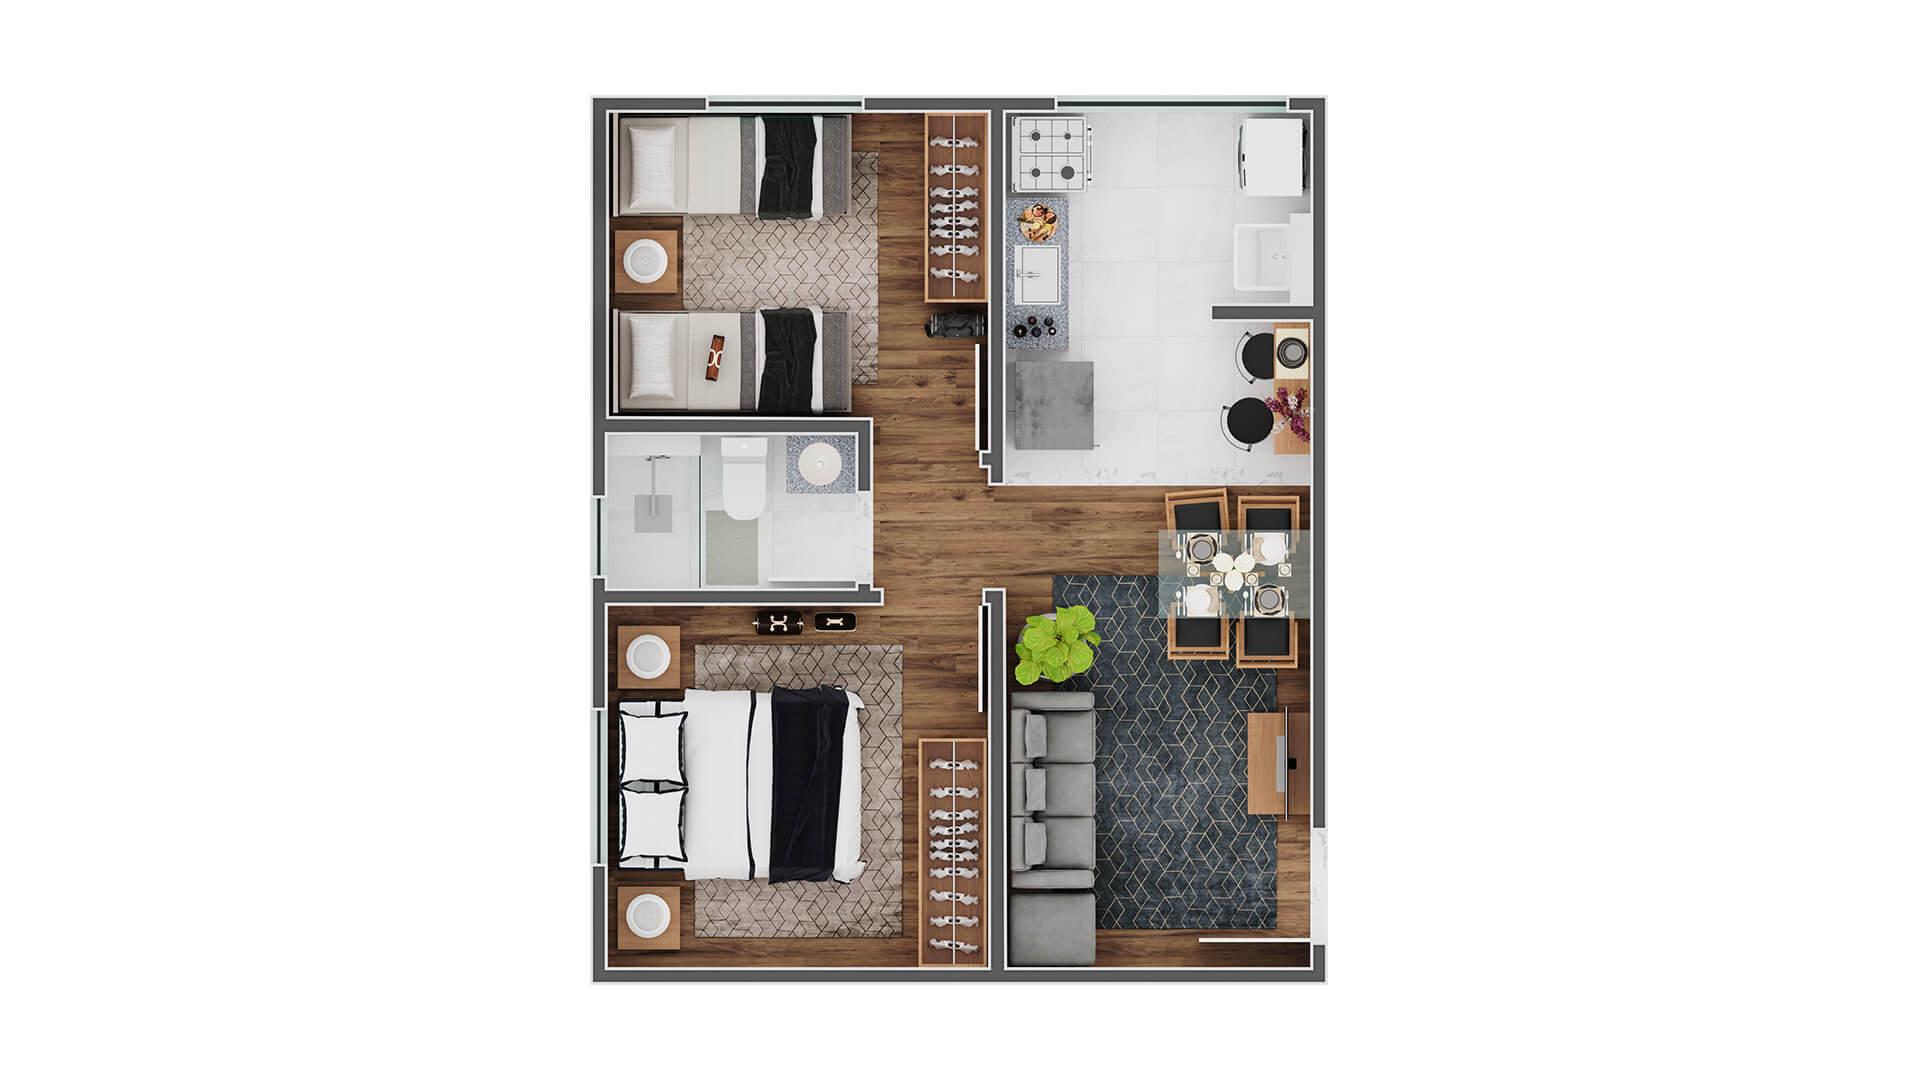 Planta apartamento tipo - canto - Reserva Benfica